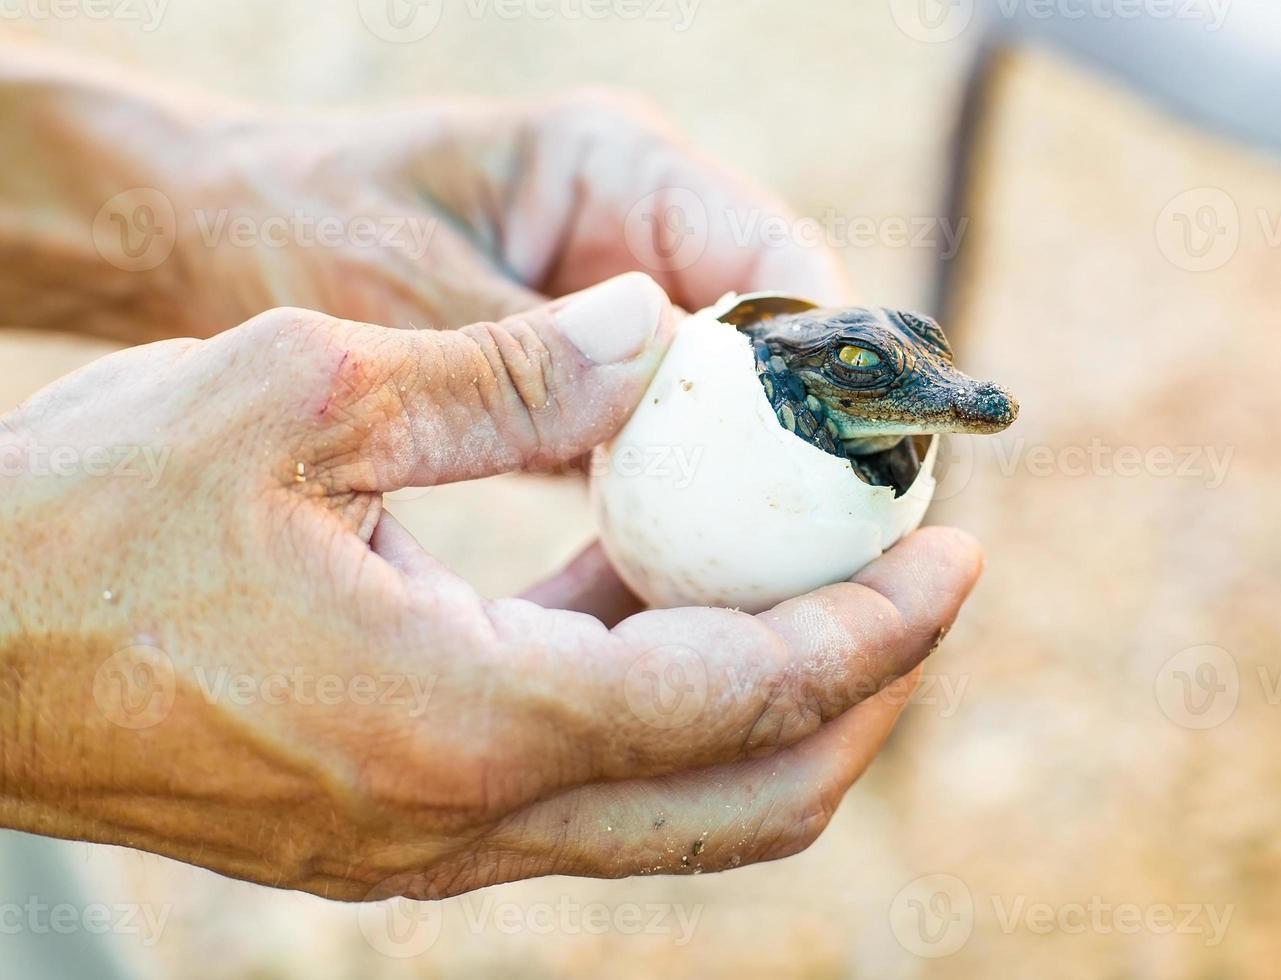 del huevo pequeño cocodrilo americano foto